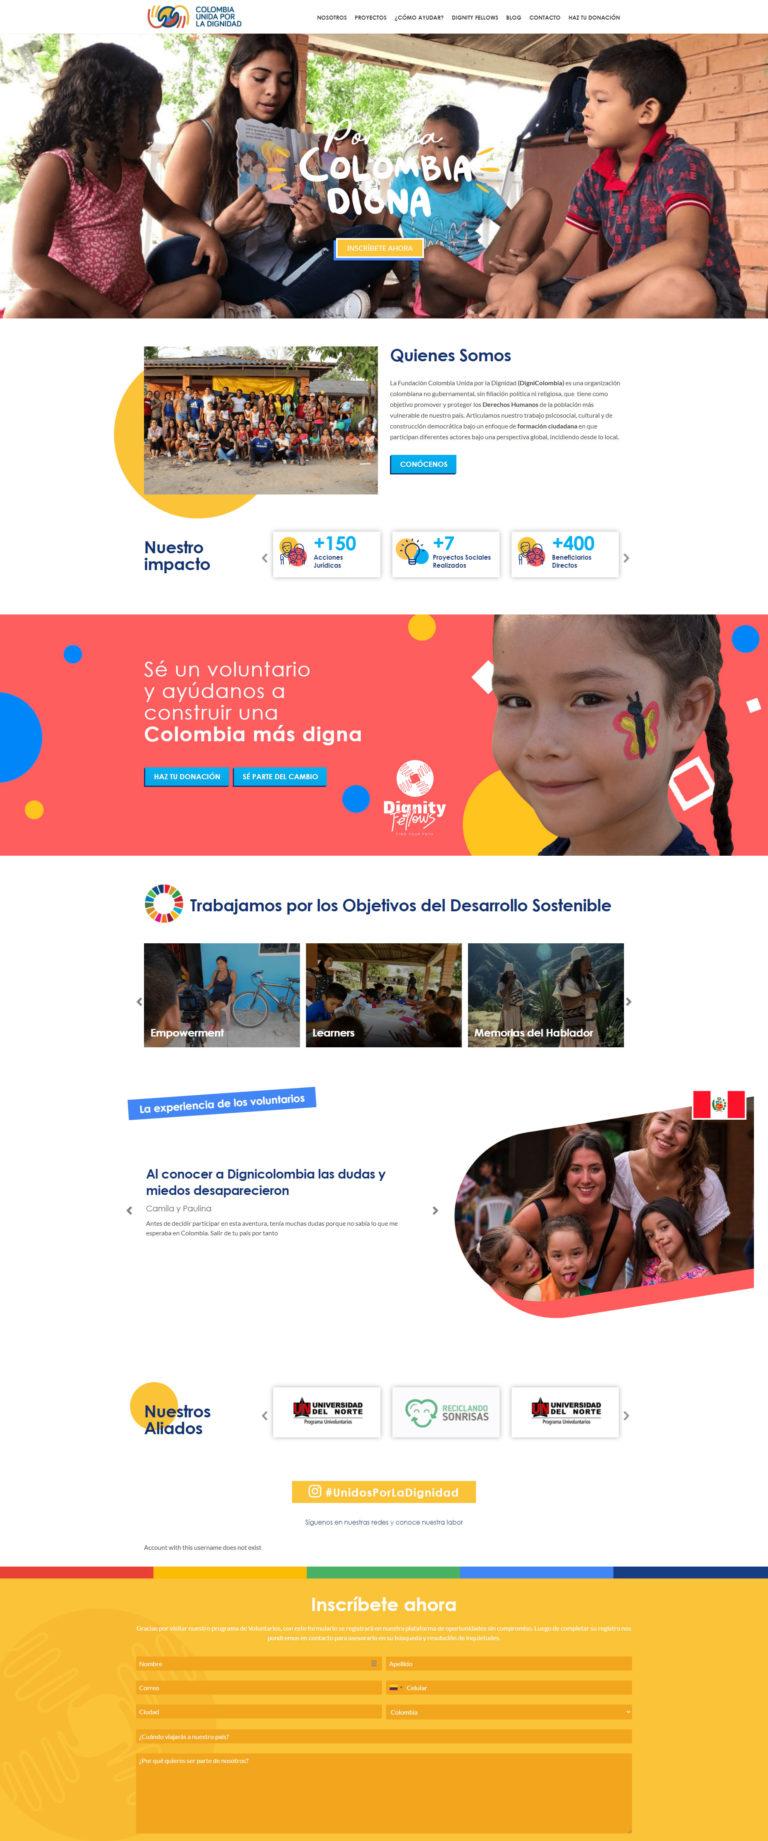 Fundación Colombia Unida por la Dignidad